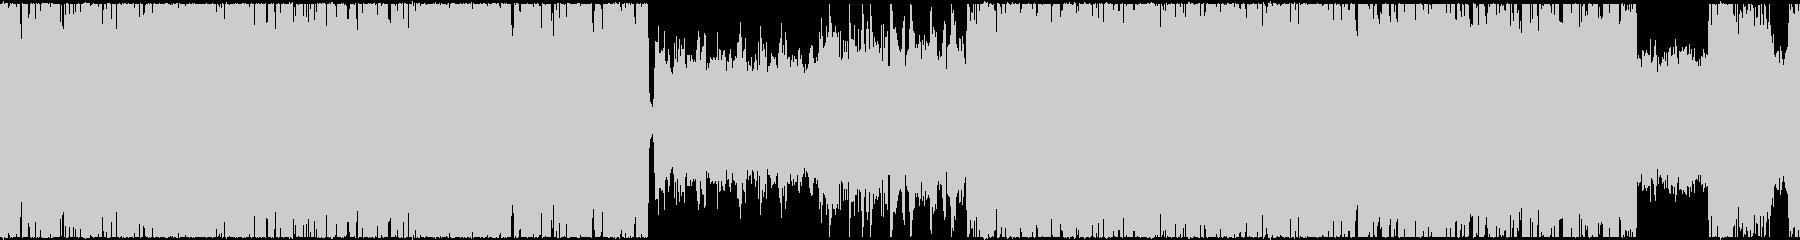 ループ用・リズムチェンジのあるロックリフの未再生の波形